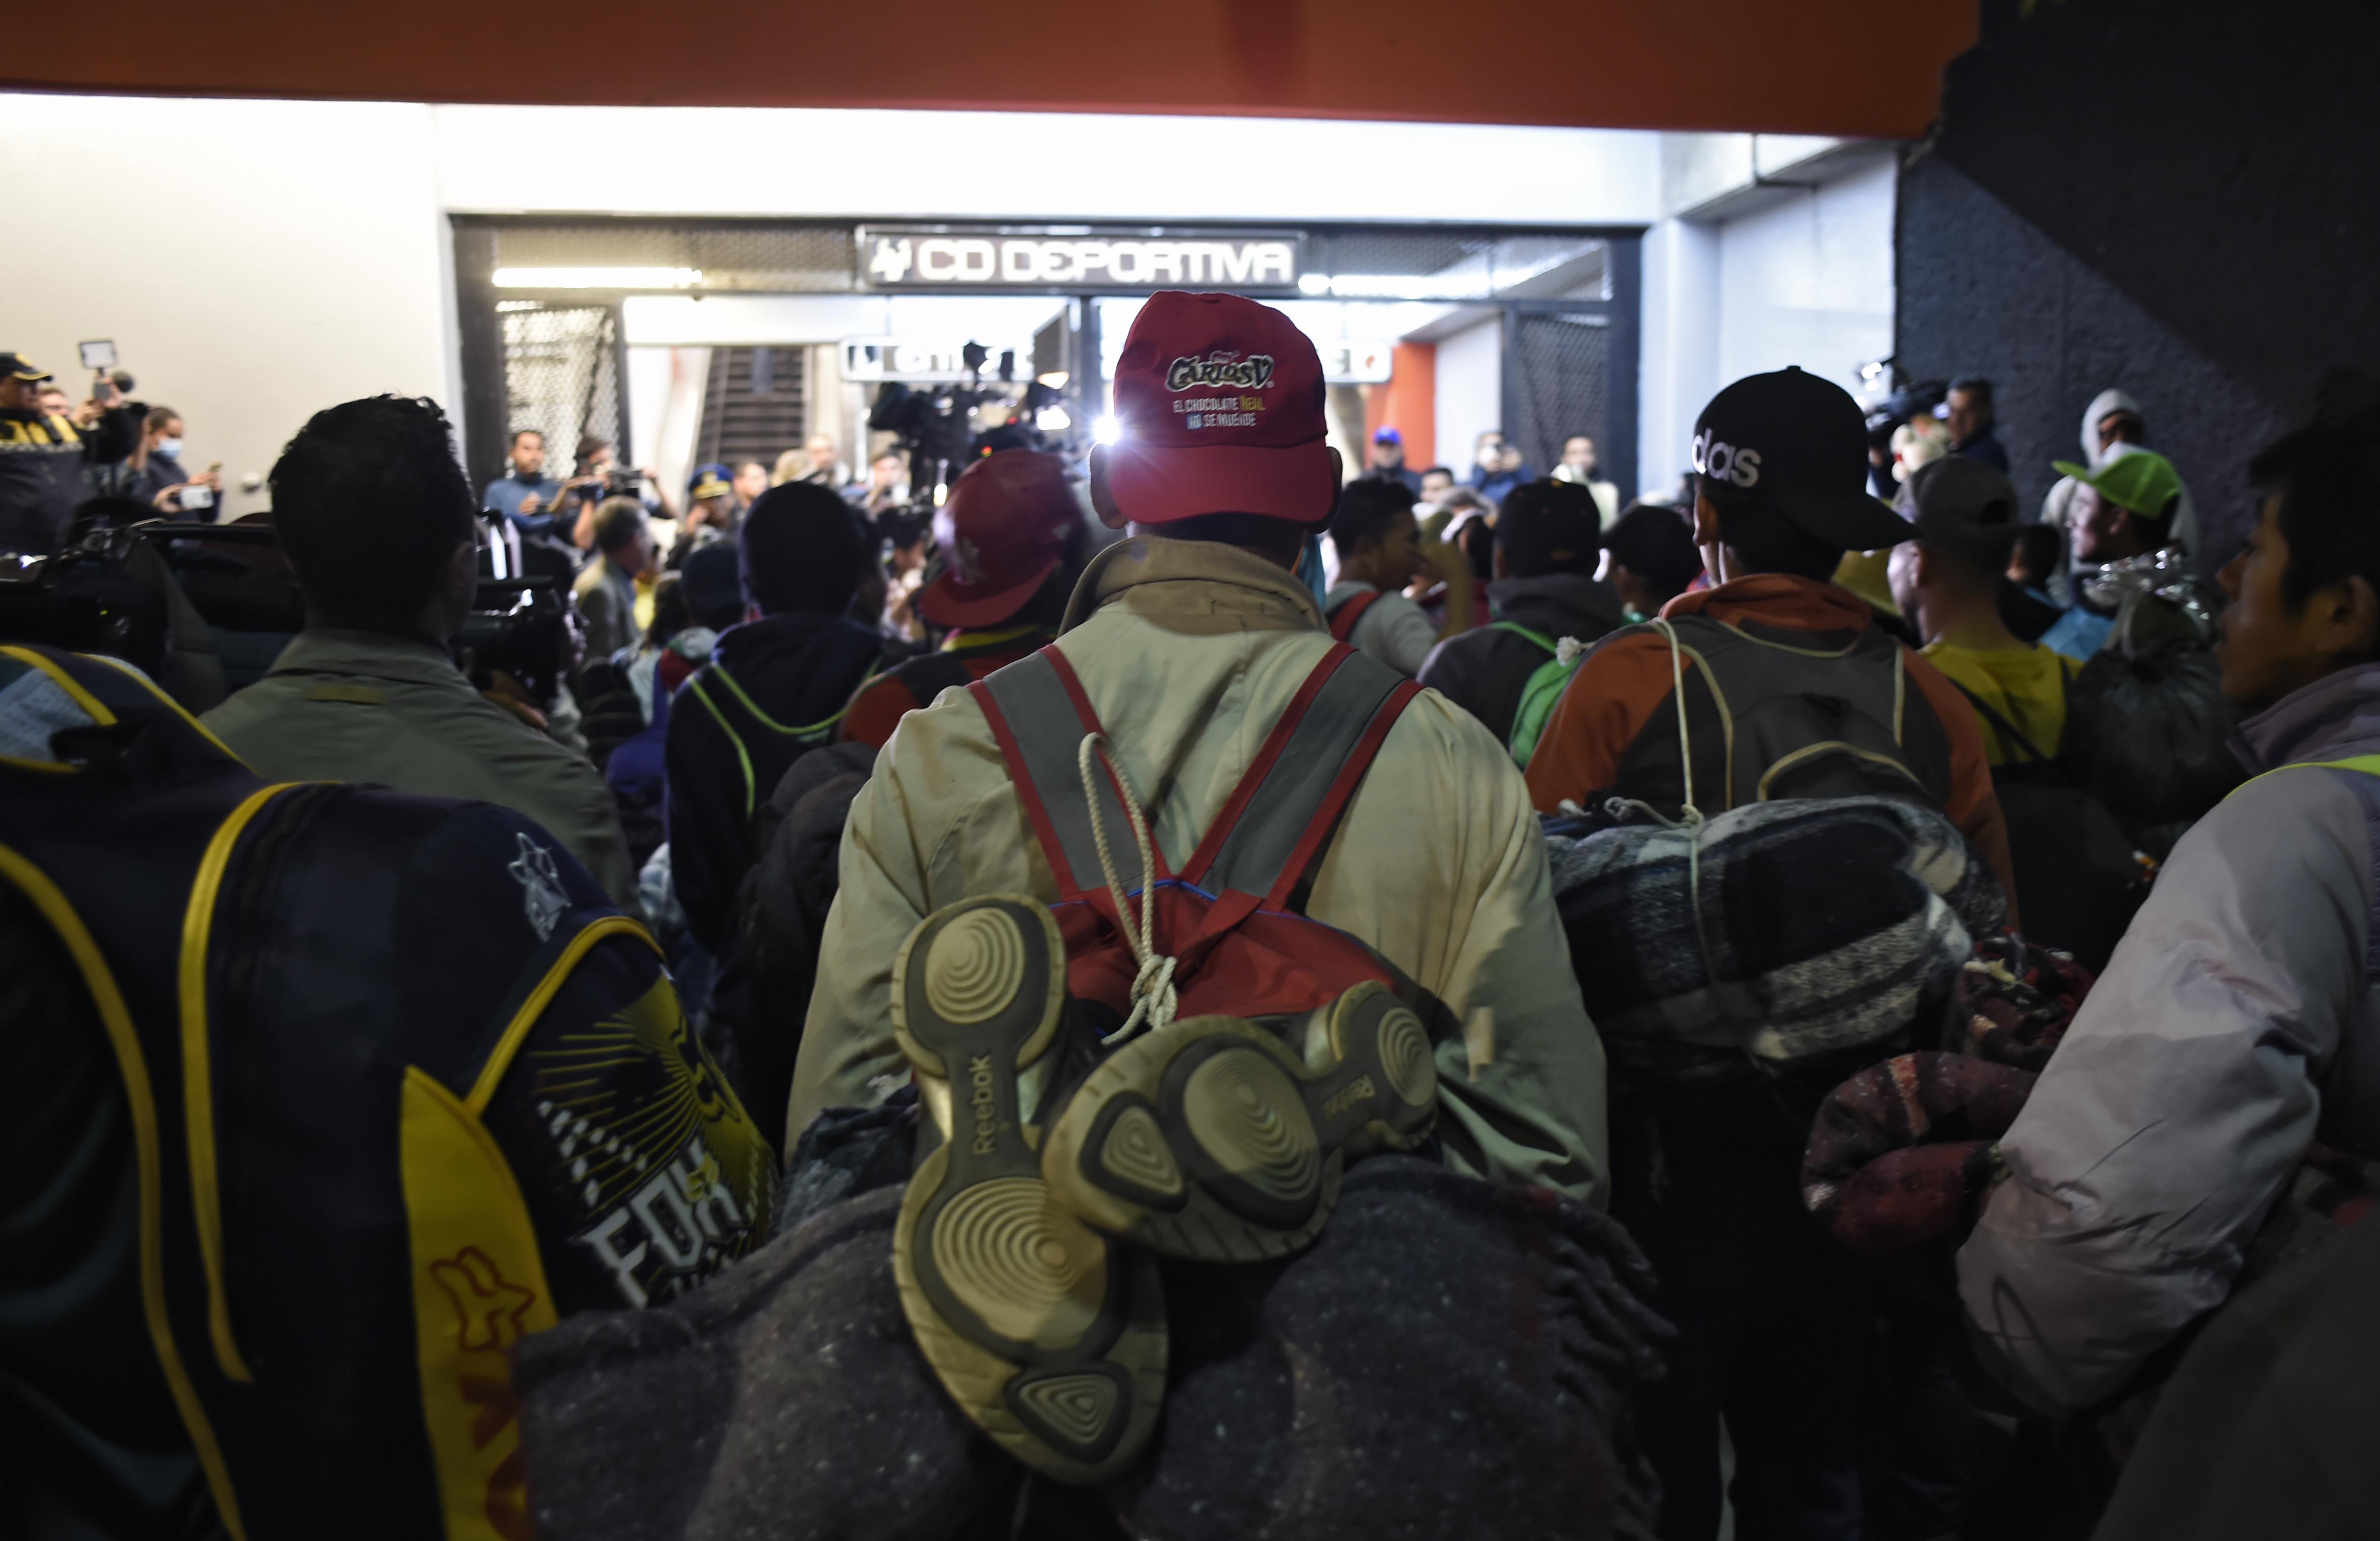 Más de 3000 personas han solicitado asilo en México informó a Infobae un funcionario de ACNUR.(Photo by Alfredo ESTRELLA / AFP)